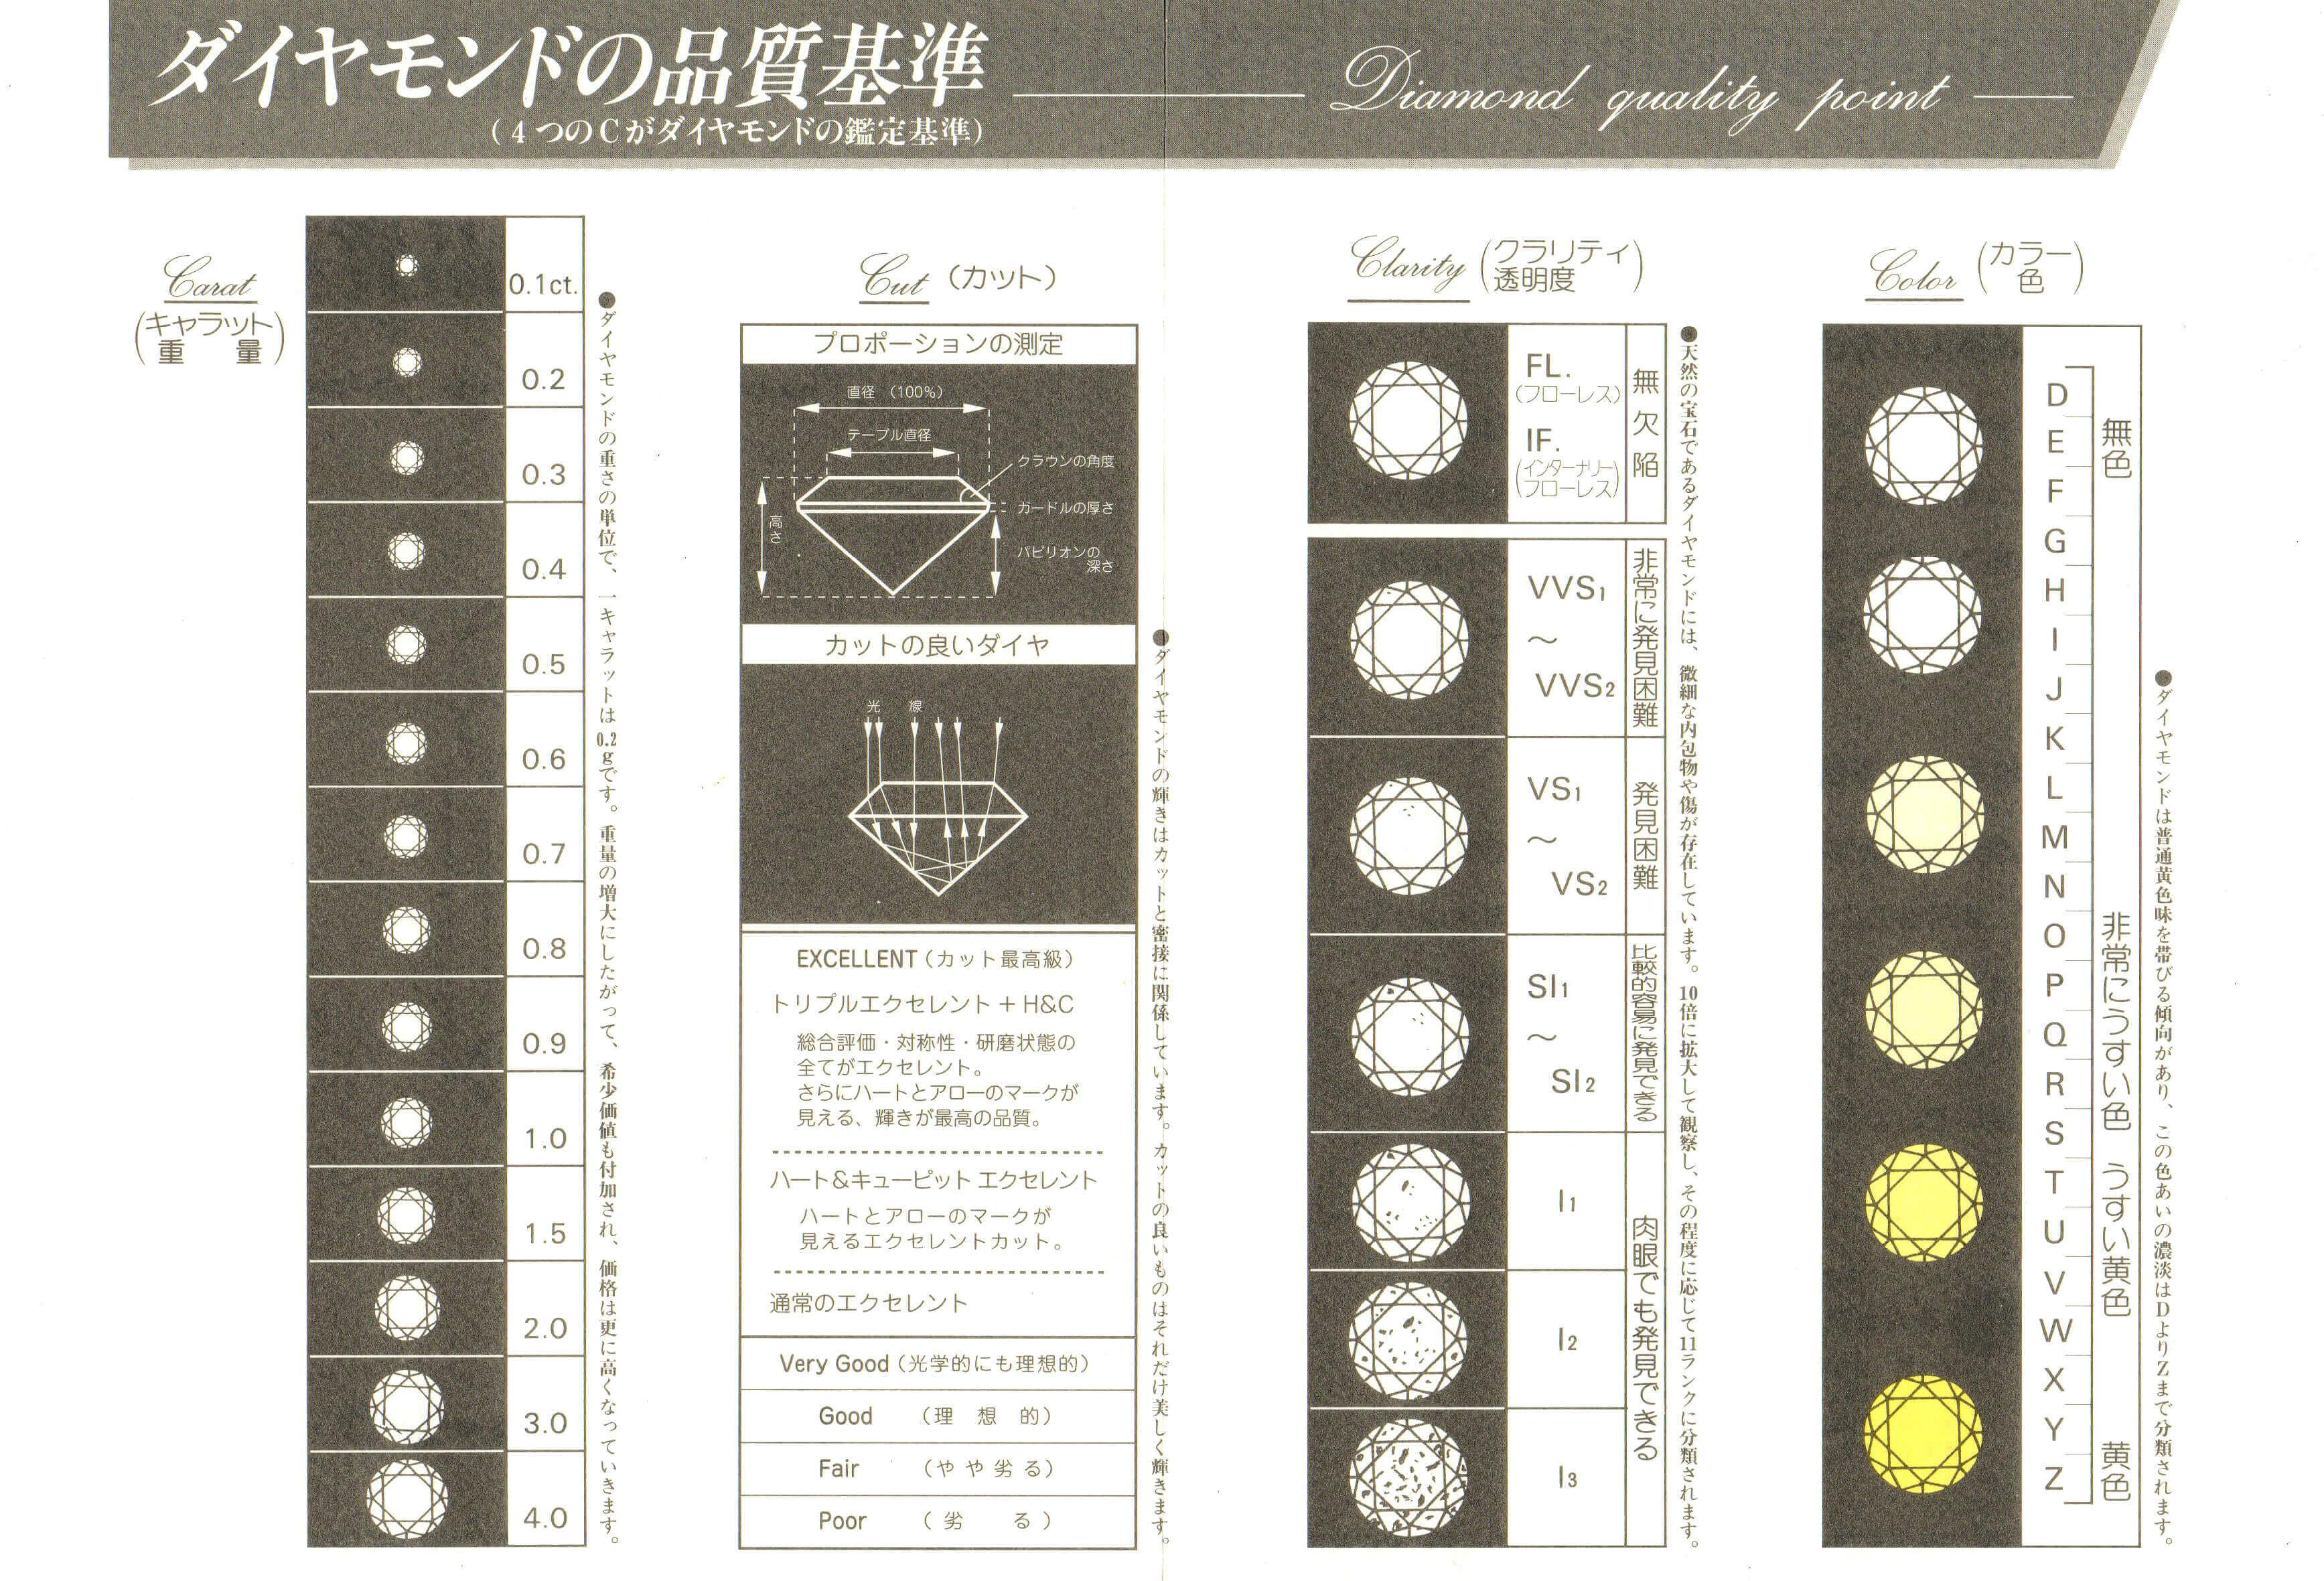 ダイヤモンド | ダイヤモンド4C品質基準表 | かざりやゆい | 世界に一つだけの結婚指輪「kazariya Yui」 | 福島県郡山市